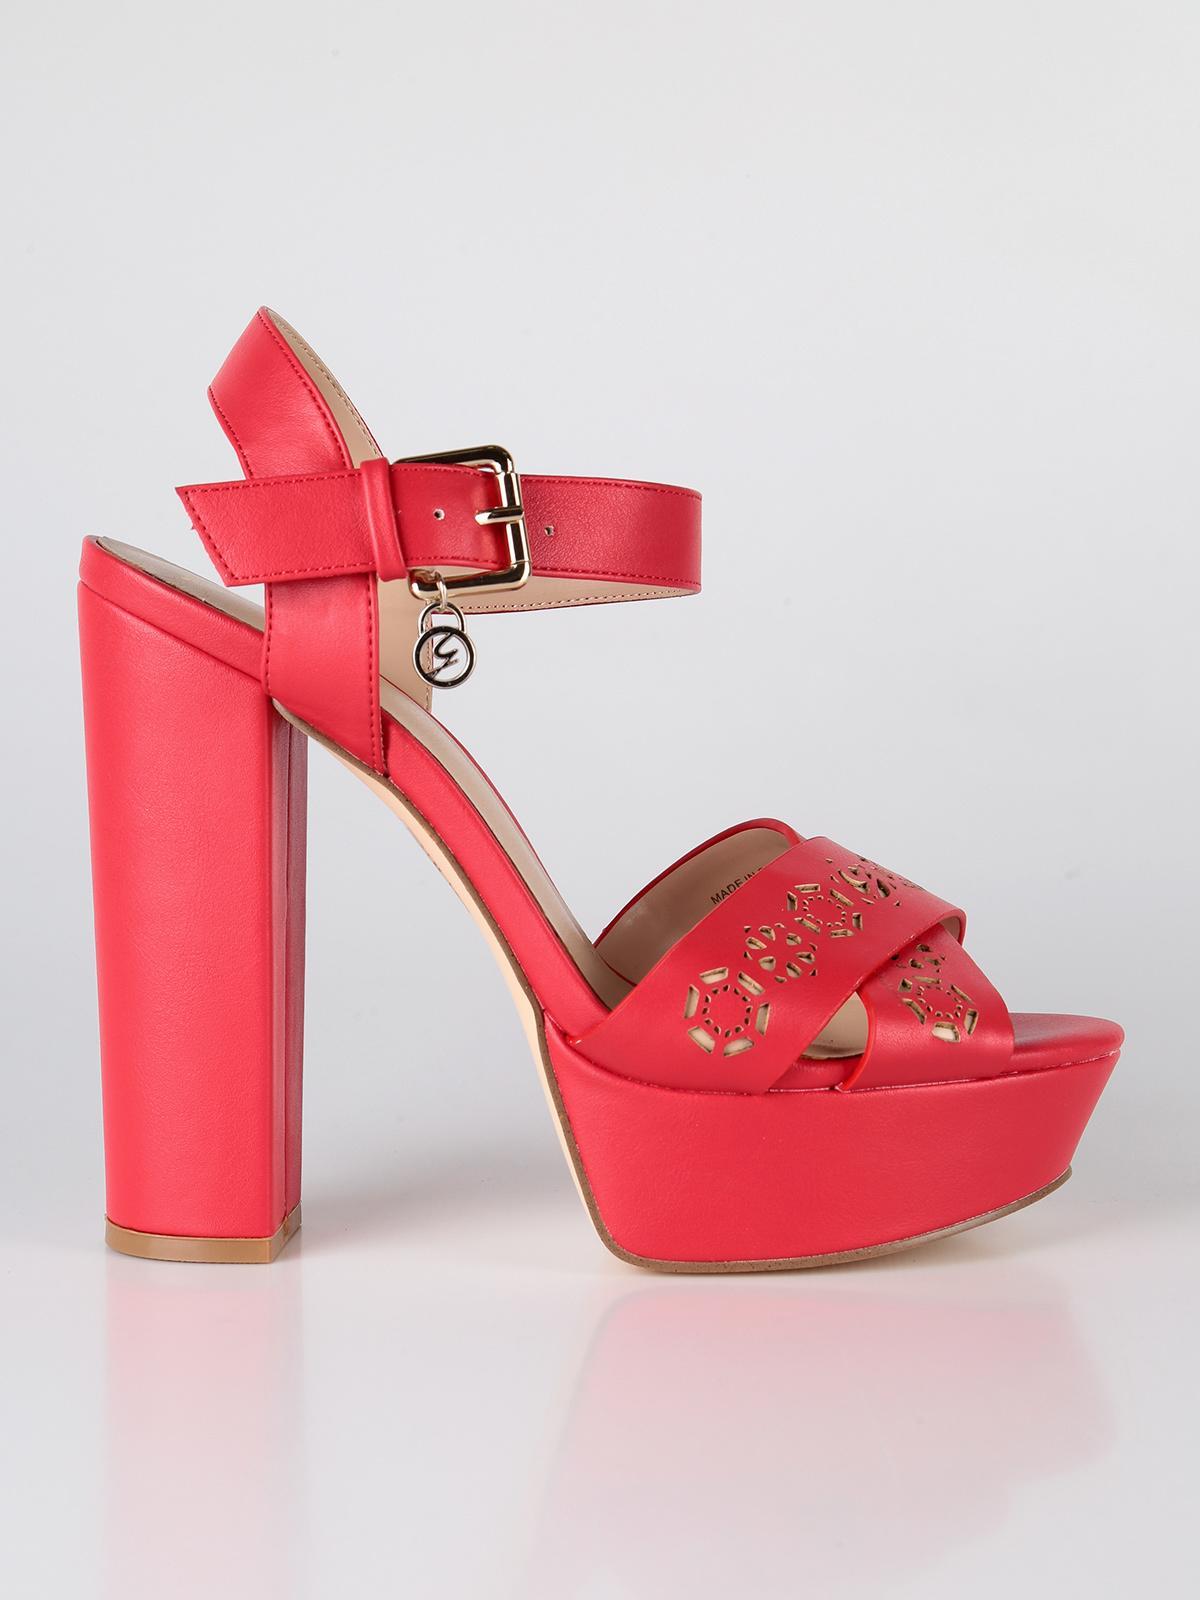 Sandali rossi con tacco e cinturino alla caviglia